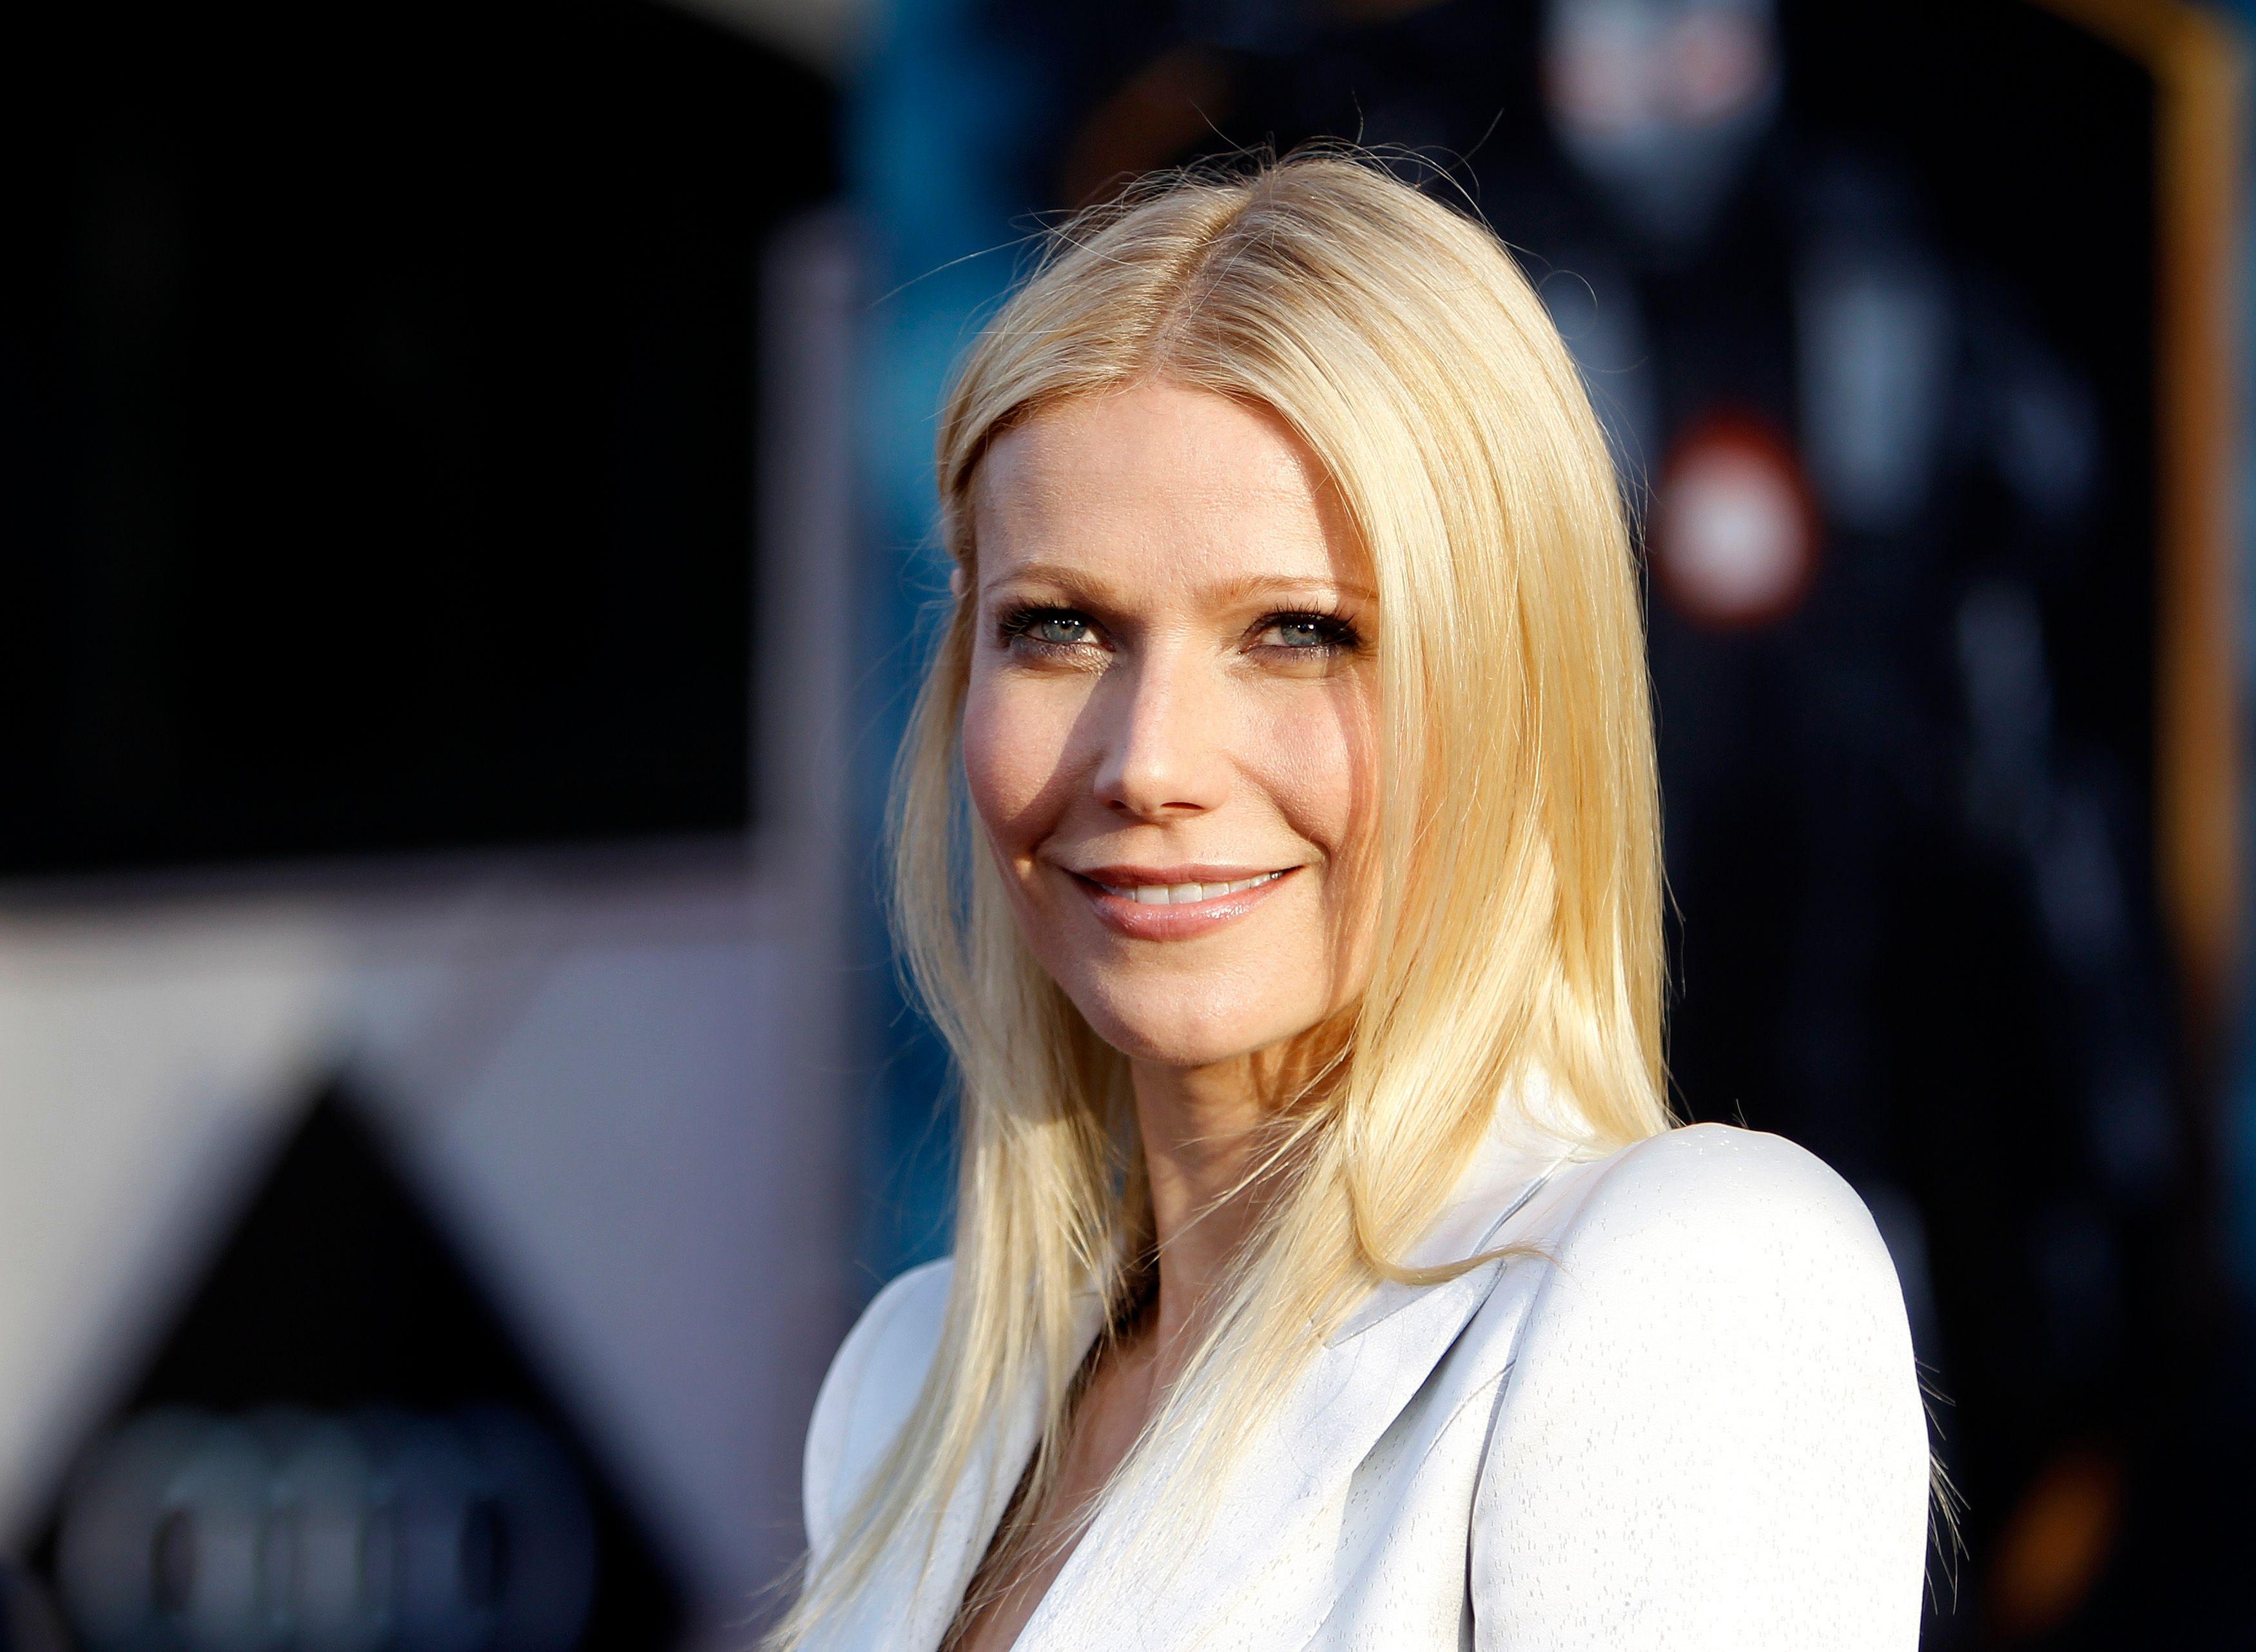 L'actrice américaine est actuellement à l'affiche d'Iron Man 3